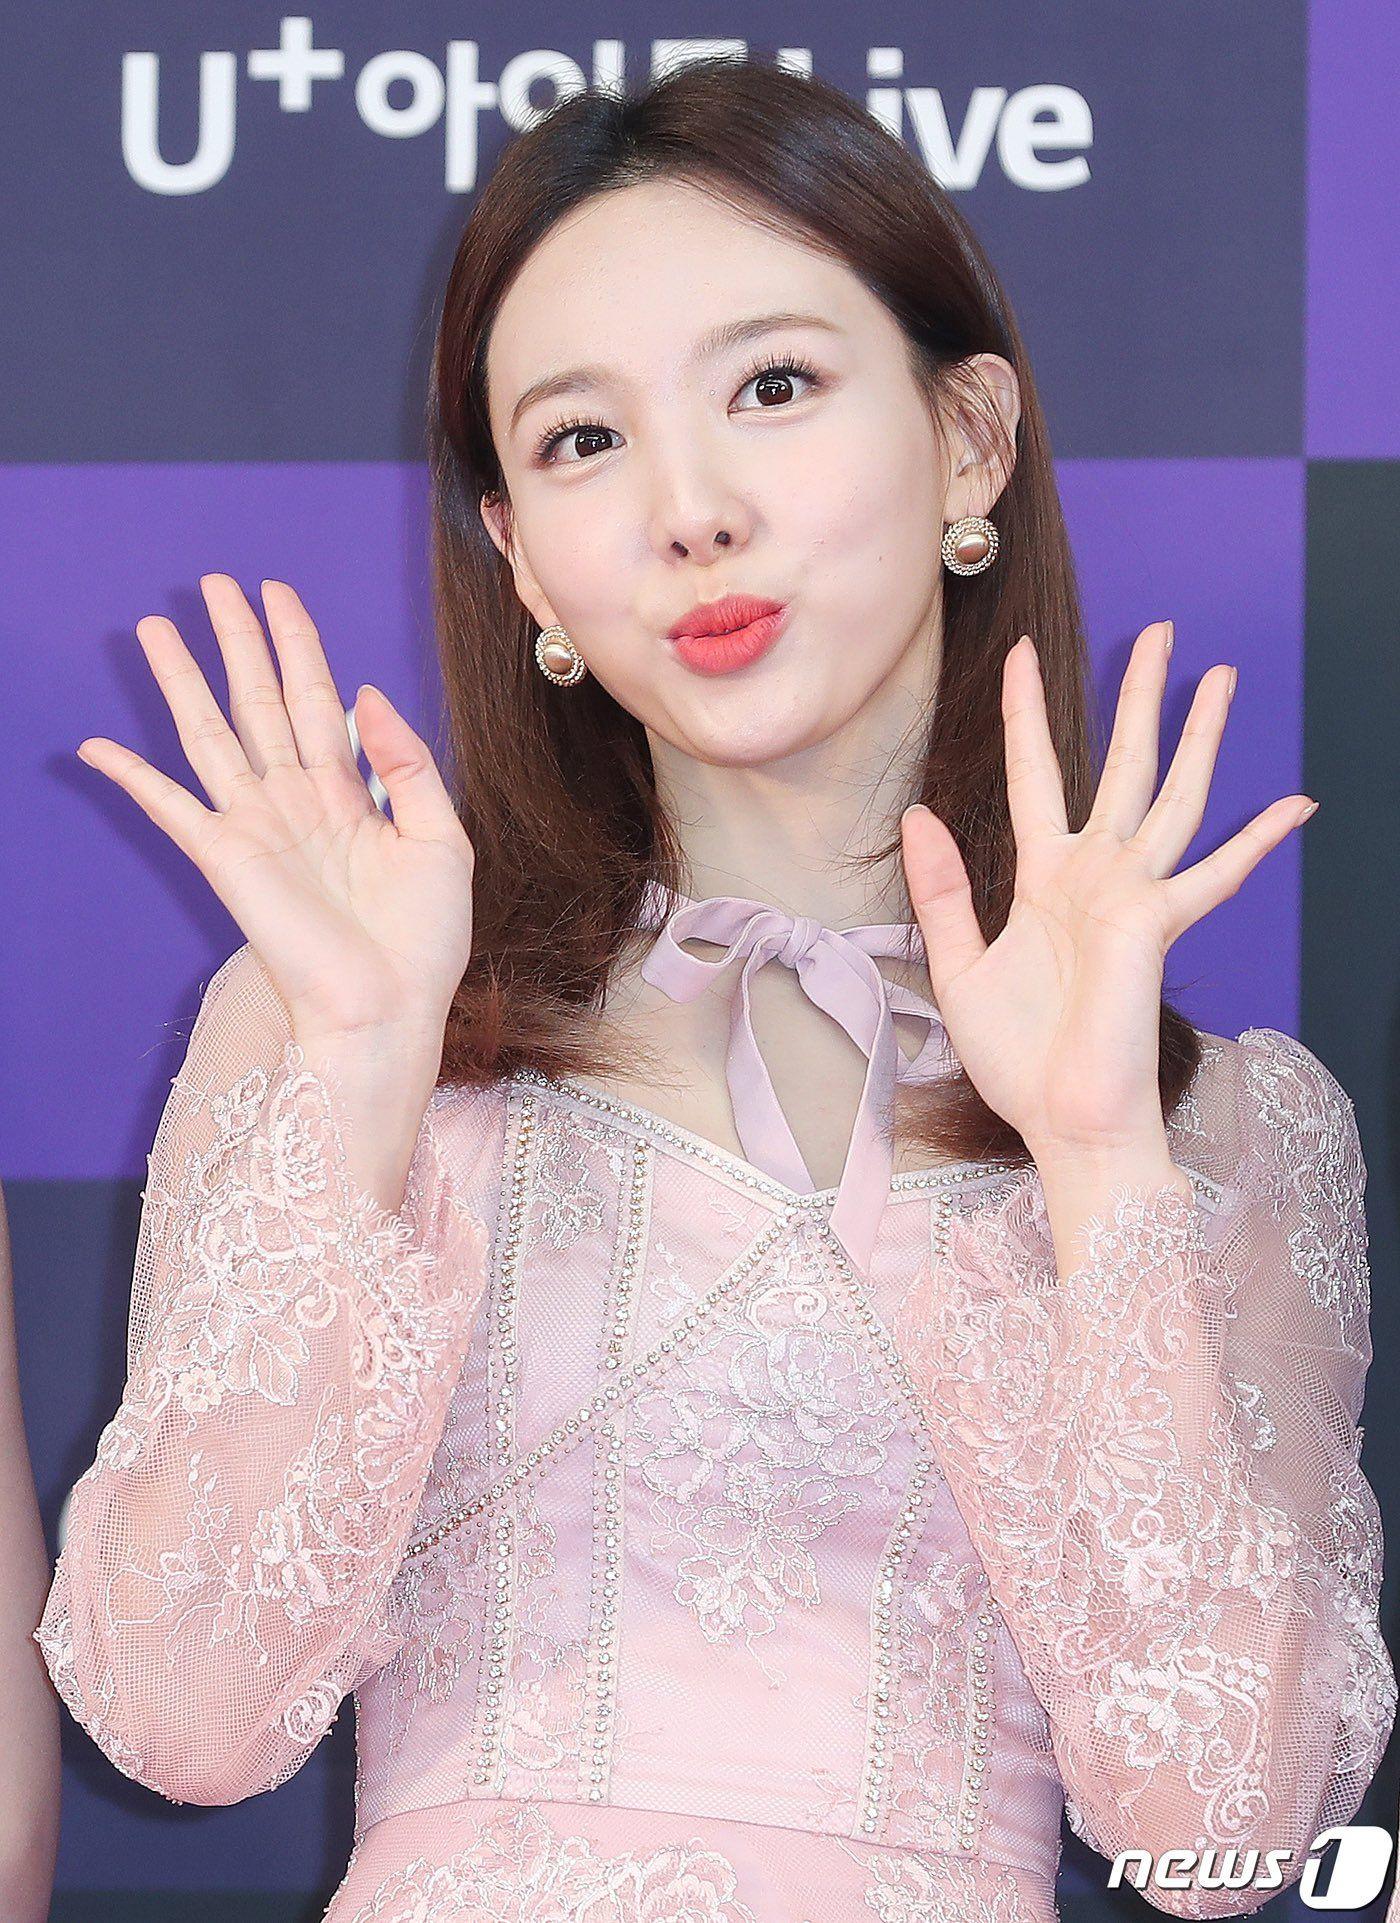 체리블라썸 on Twitter in 2020 Nayeon, Golden disk awards, Twice